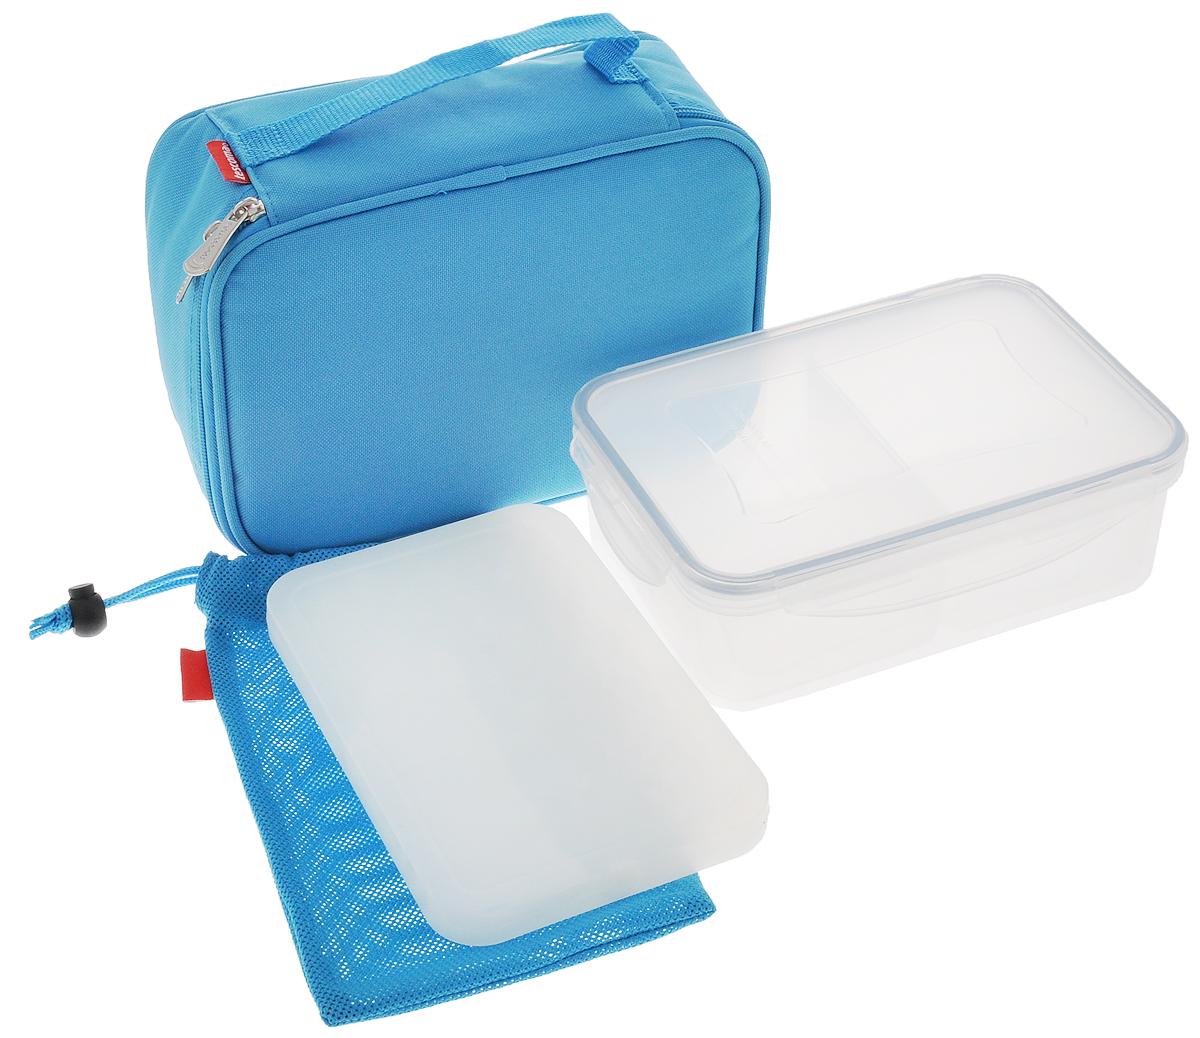 """Термосумка Tescoma """"Сoolbag"""", с гелевым охладителем, с контейнером, цвет: голубой, 24 х 18 х 9,5 см 892320_голубой"""